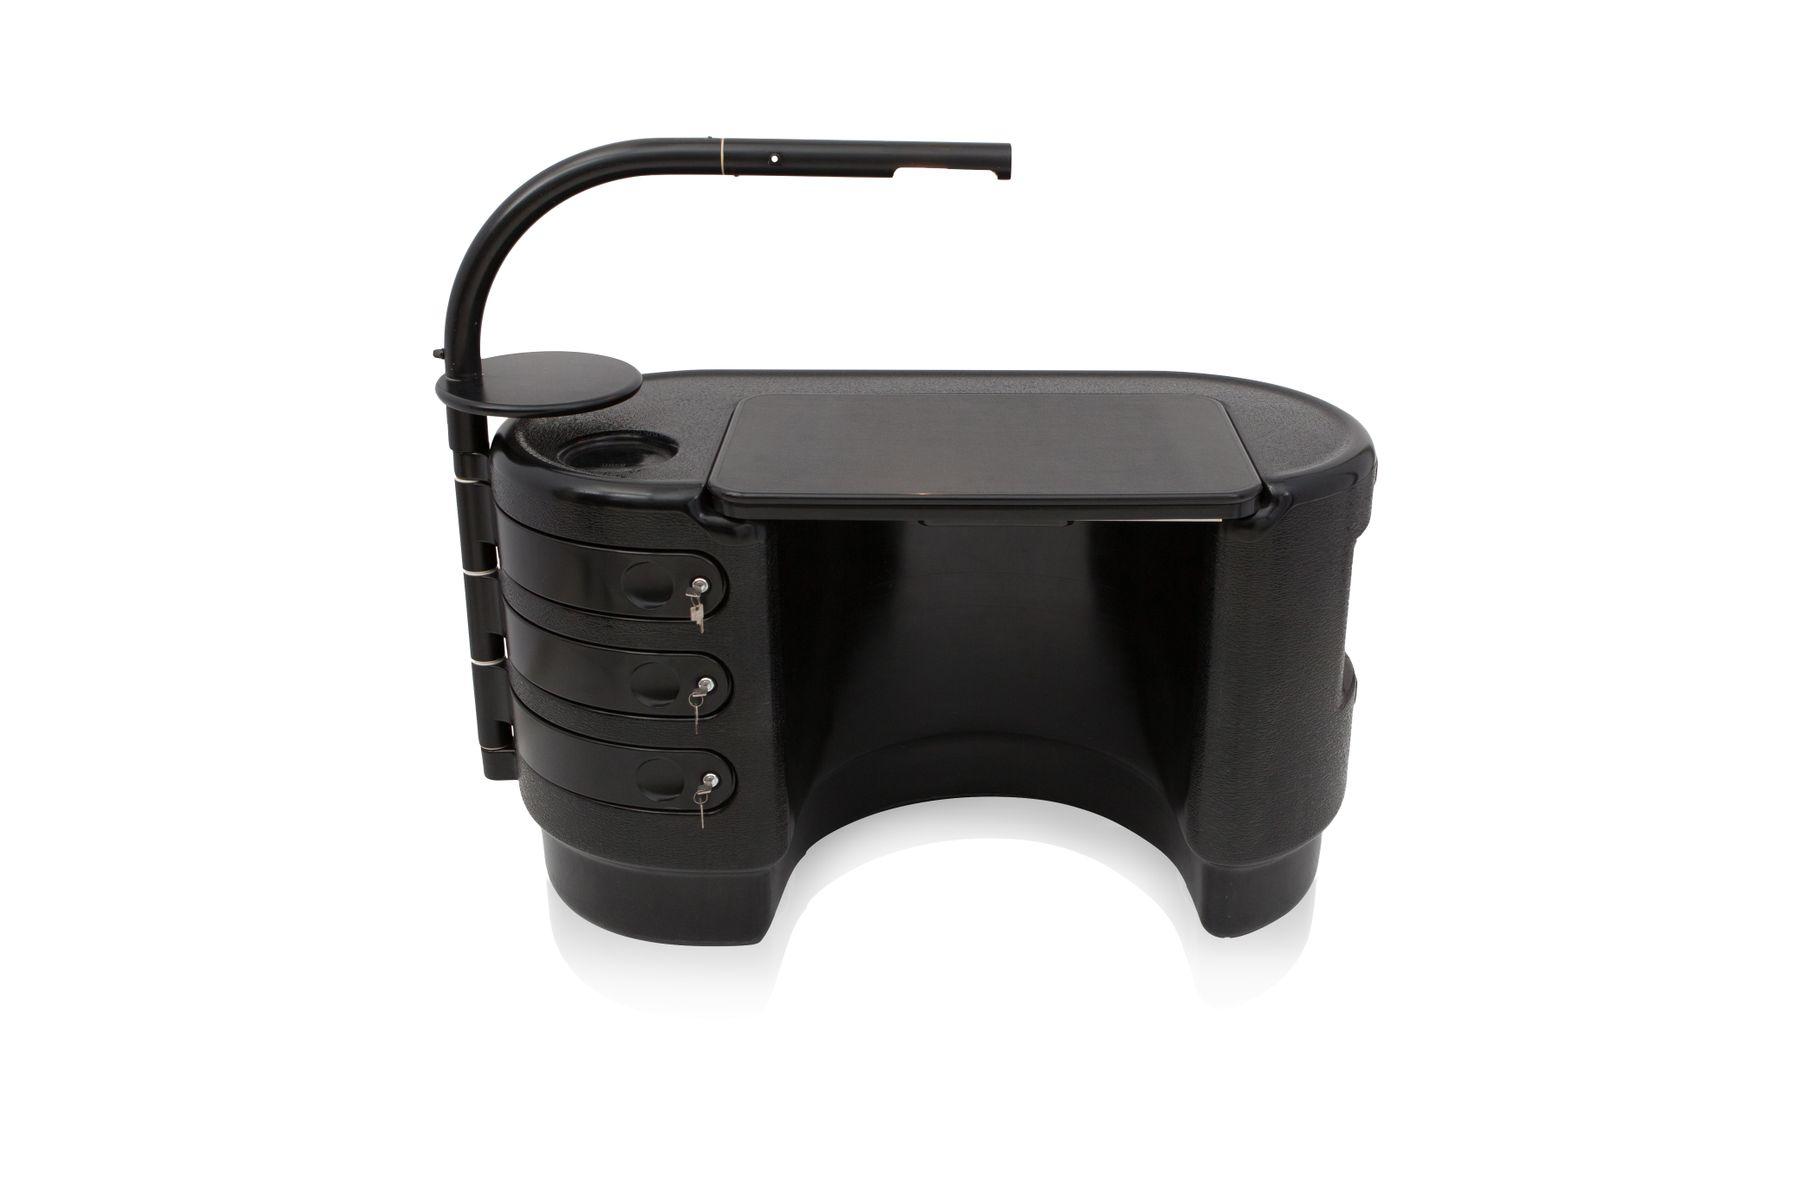 schwarzer hadi schreibtisch von ernest igl f r bayer. Black Bedroom Furniture Sets. Home Design Ideas